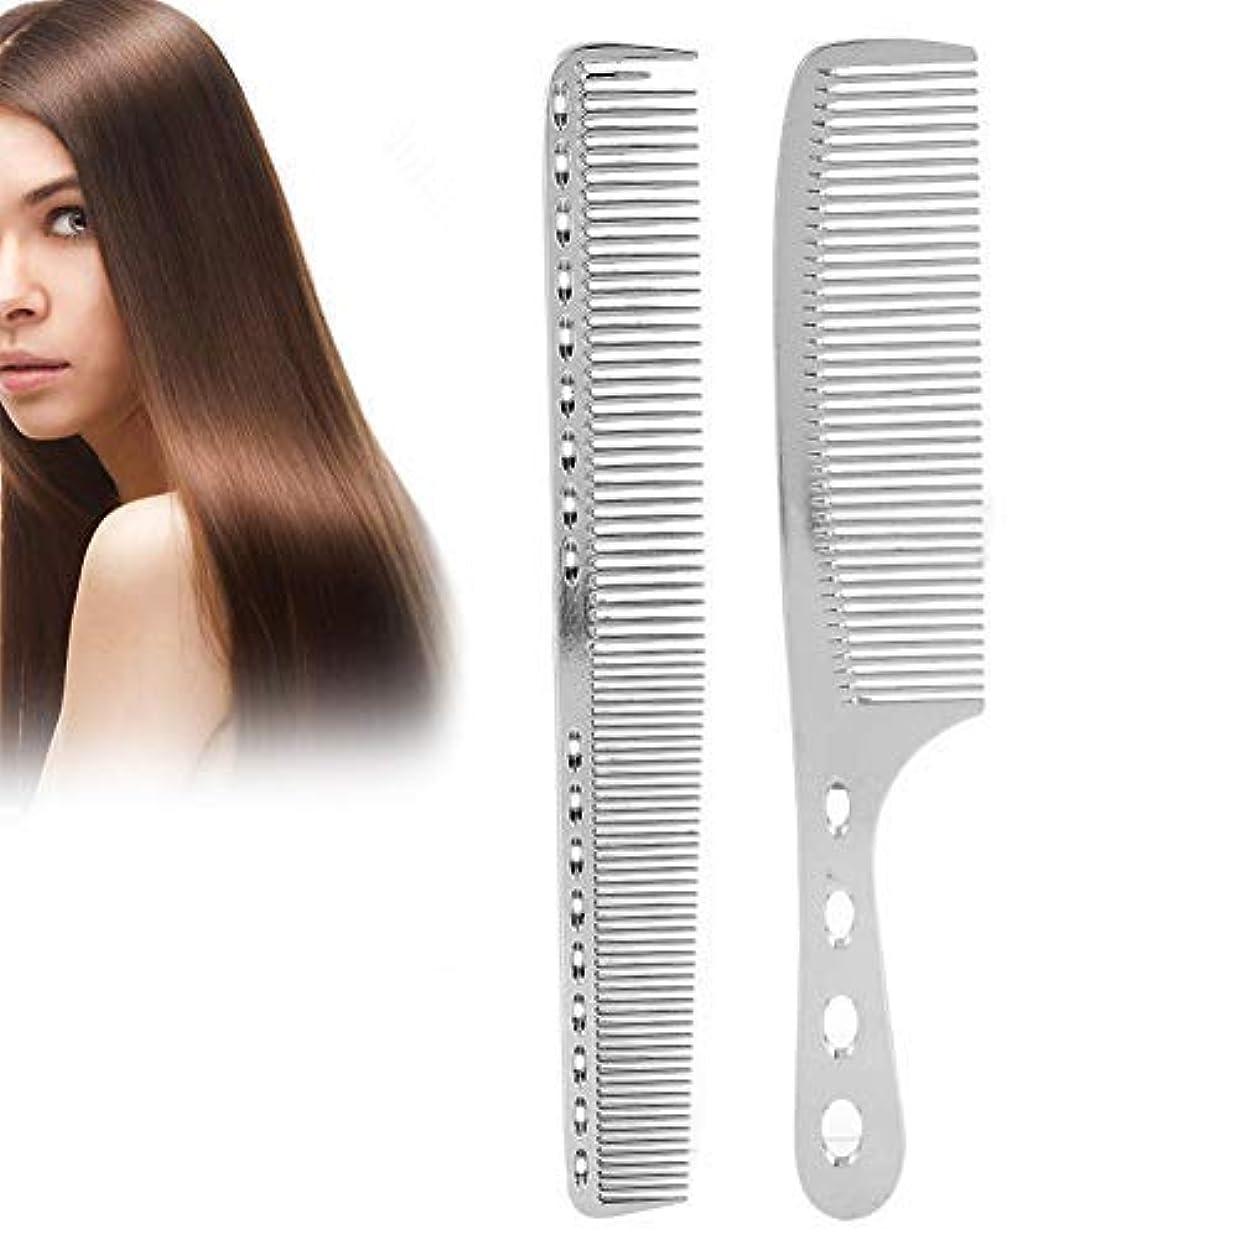 グレーからかう遠洋のProfessional Styling Comb, 2Pcs / set Hair Comb Space Aluminum Stainless Steel Antistatic Sparse Haircut Comb...